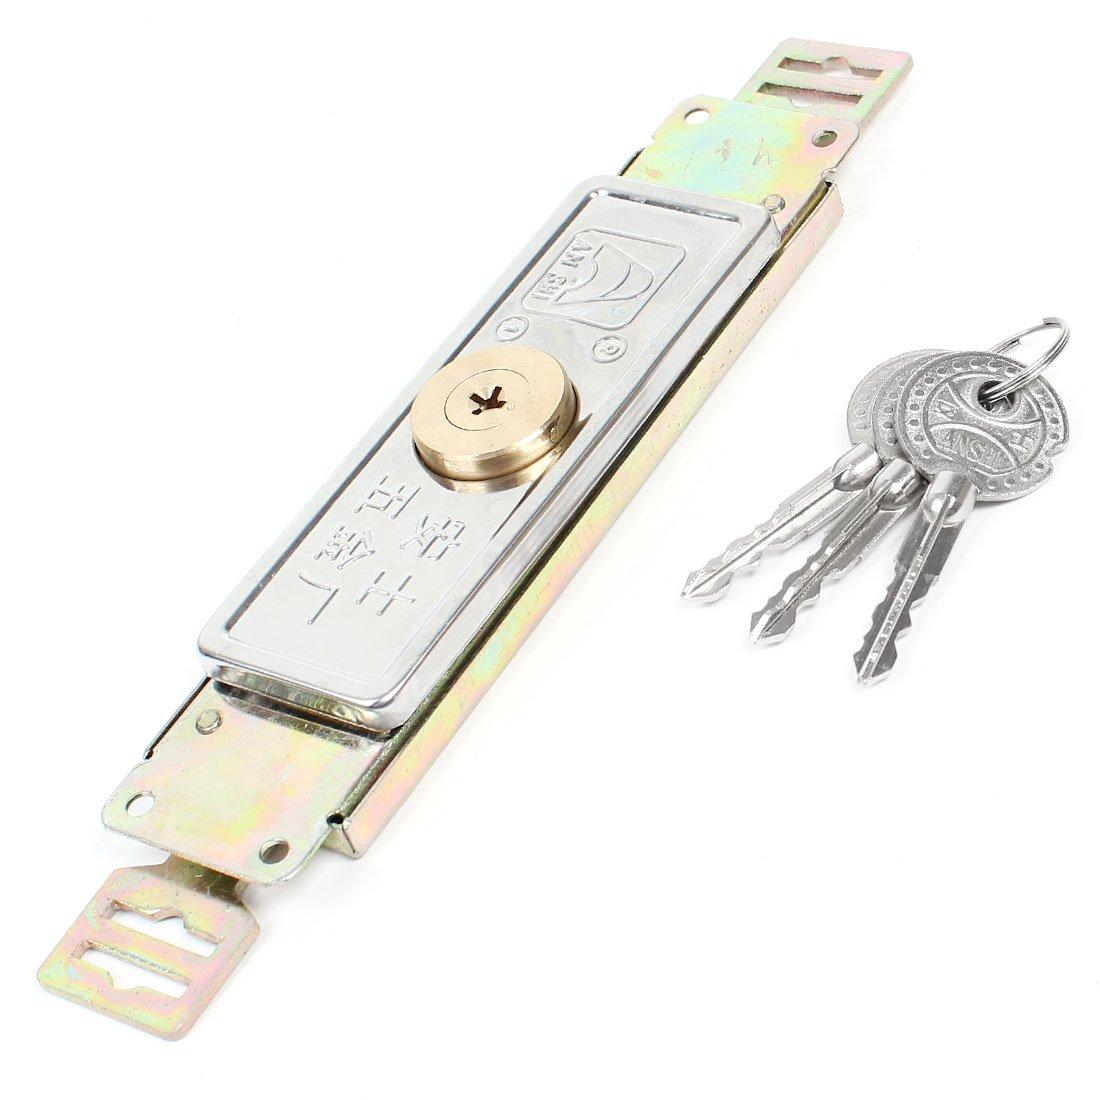 model: G3603VIX-3758HL Aexit Reemplazo de la cerradur de la puerta de la persiana enrollable de seguridad montada con tornillo de tono de lat/ón con llaves